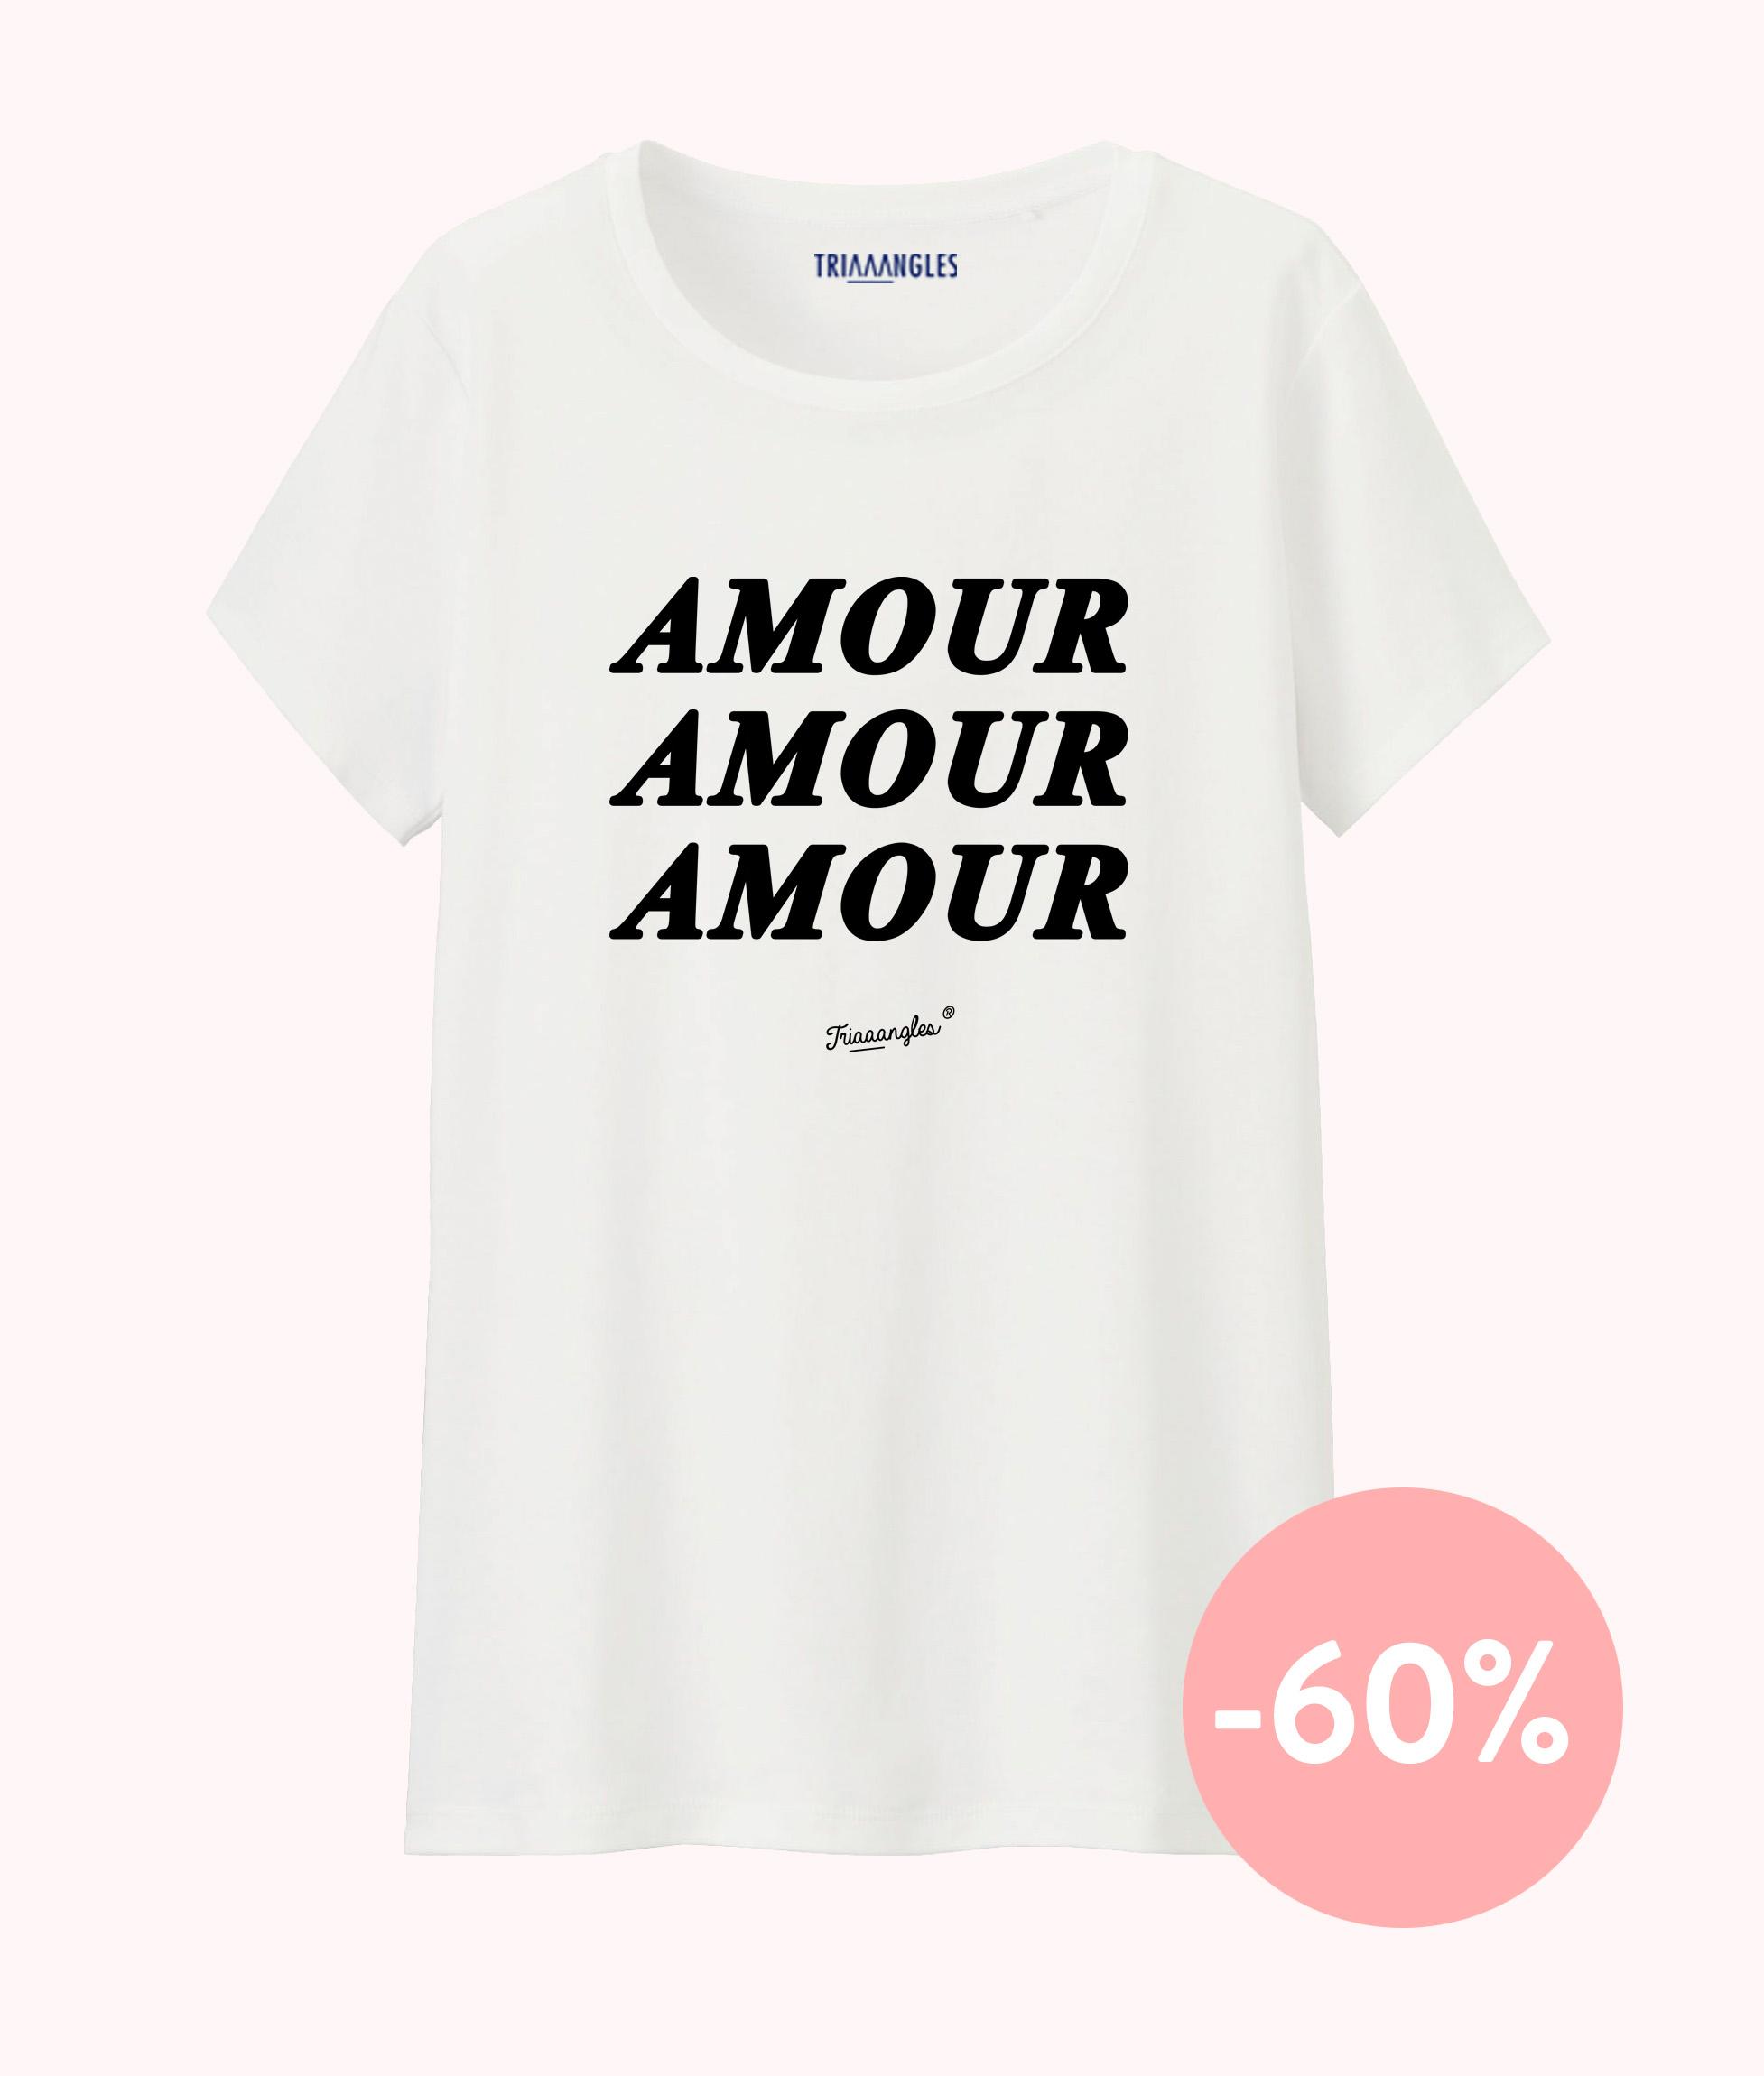 AmourAmourAmour60.jpg